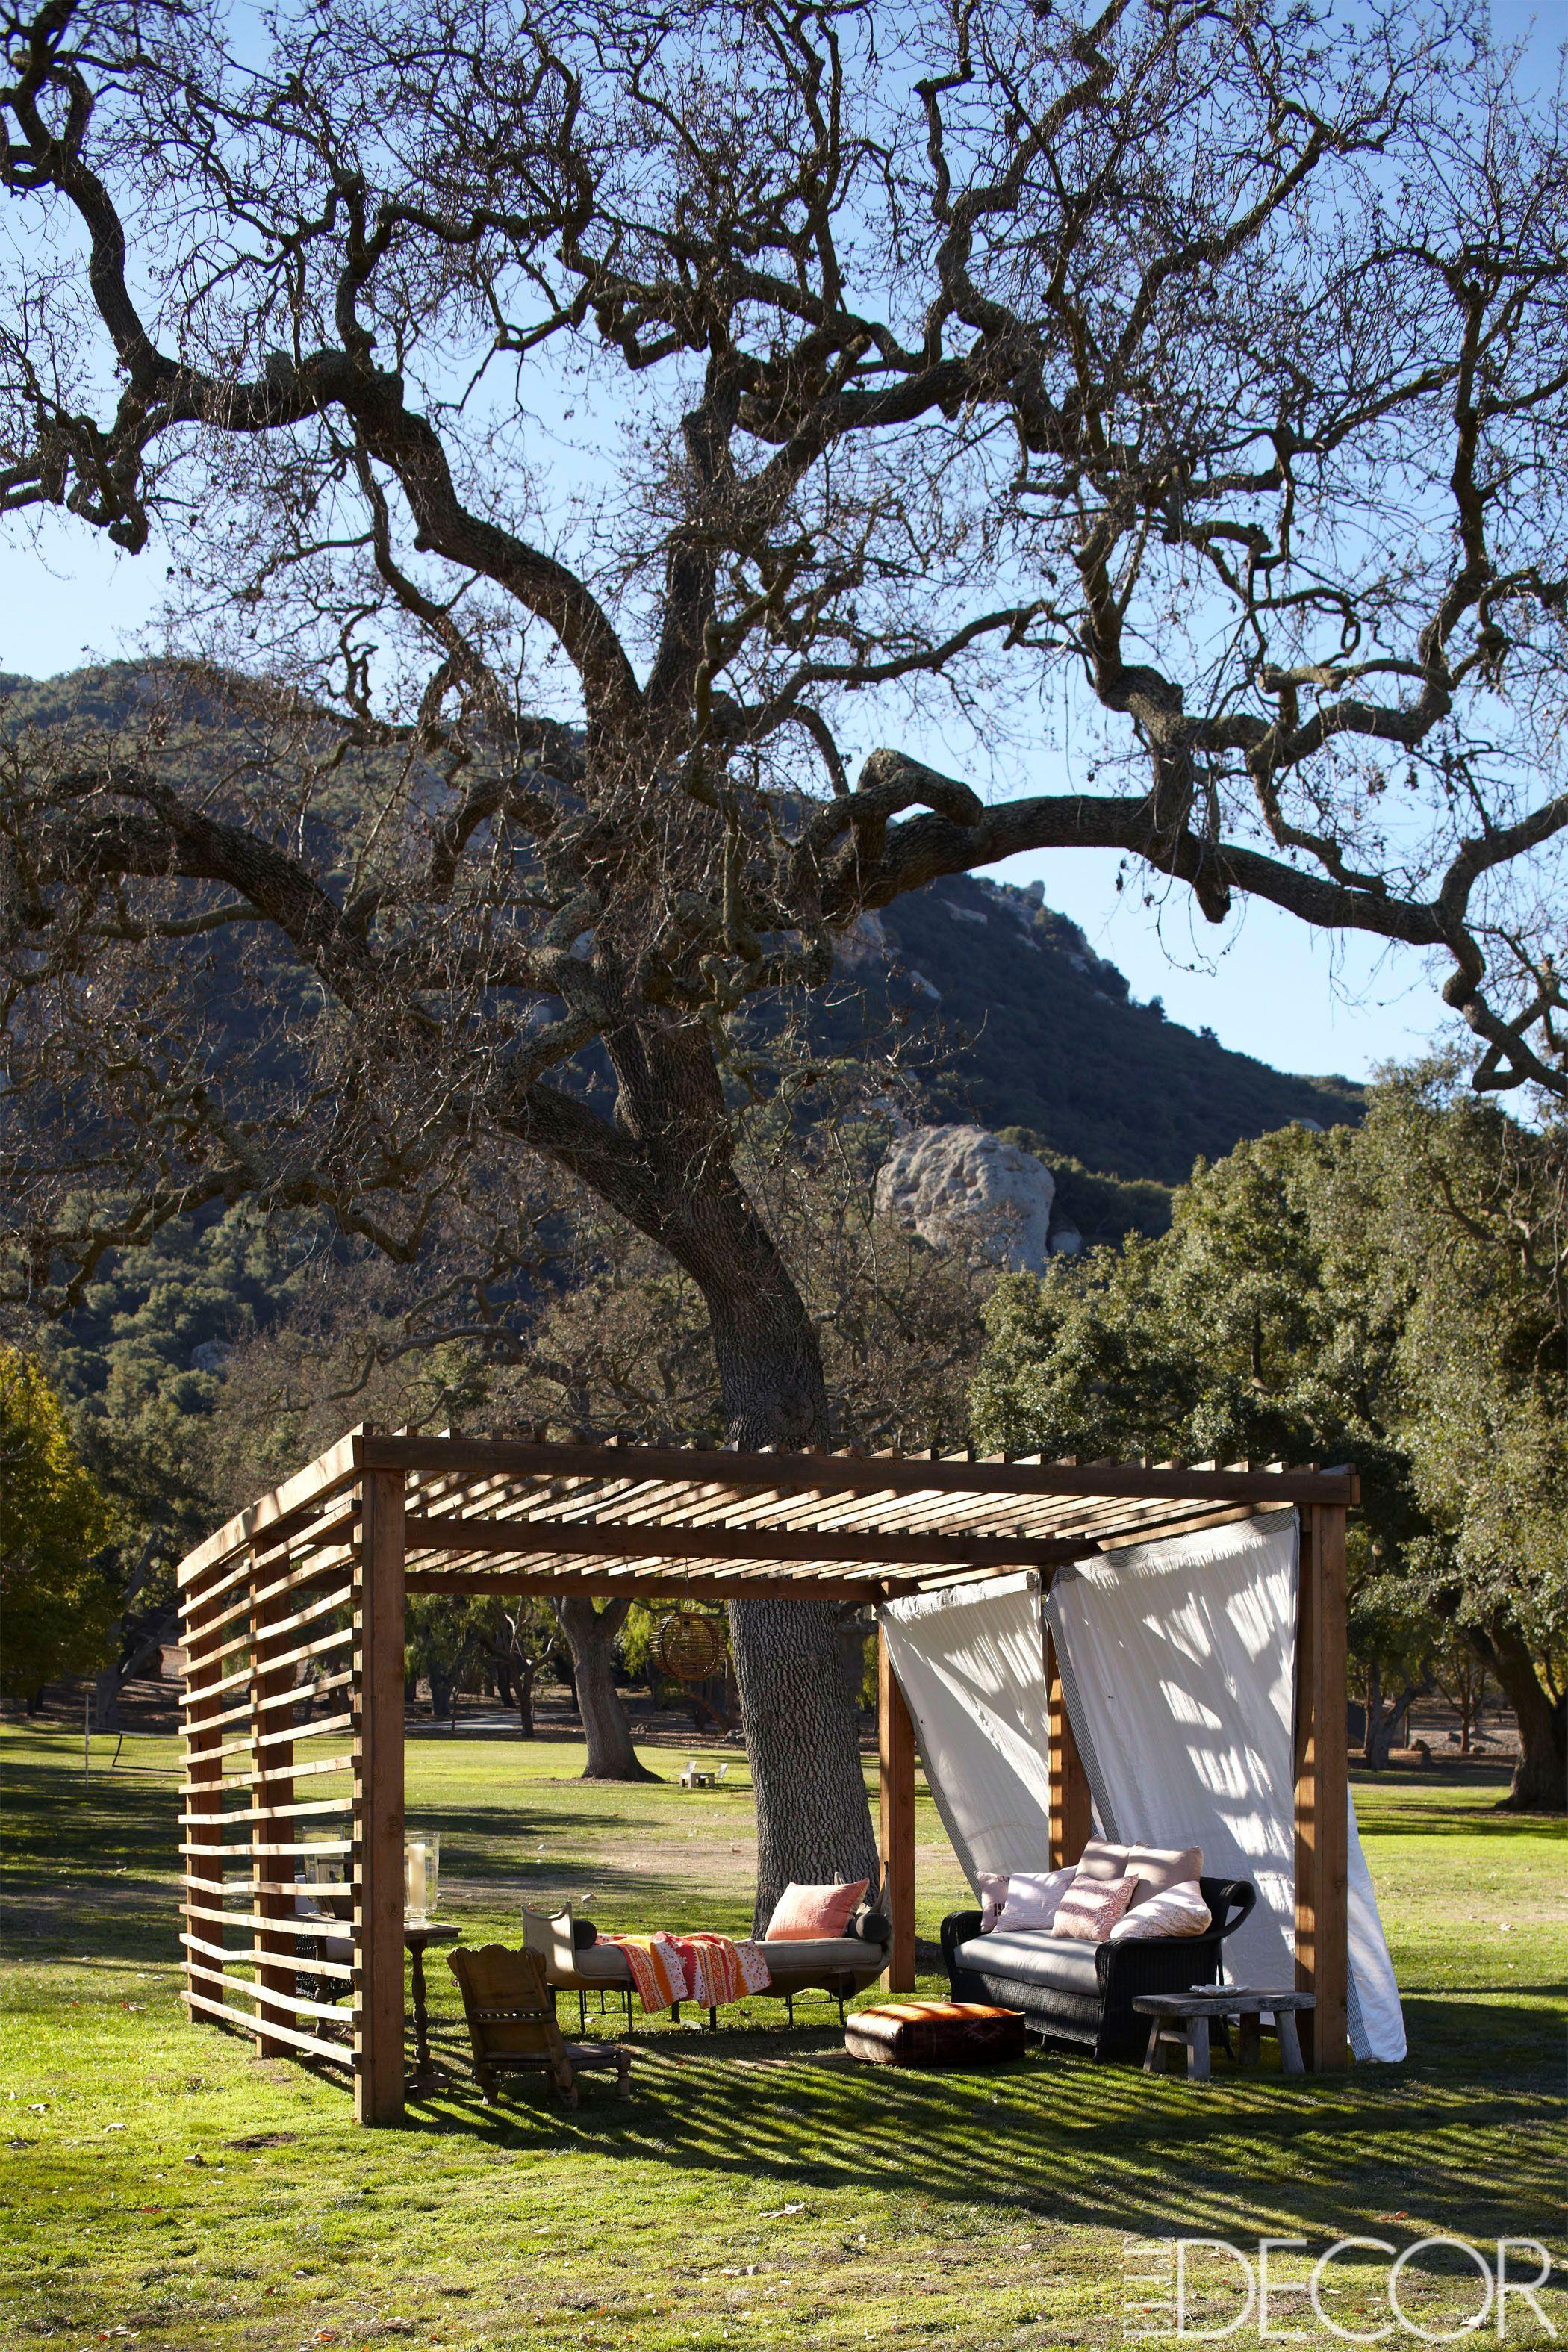 Southern California Horse Ranch Ellen DeGeneres Portia de Rossi